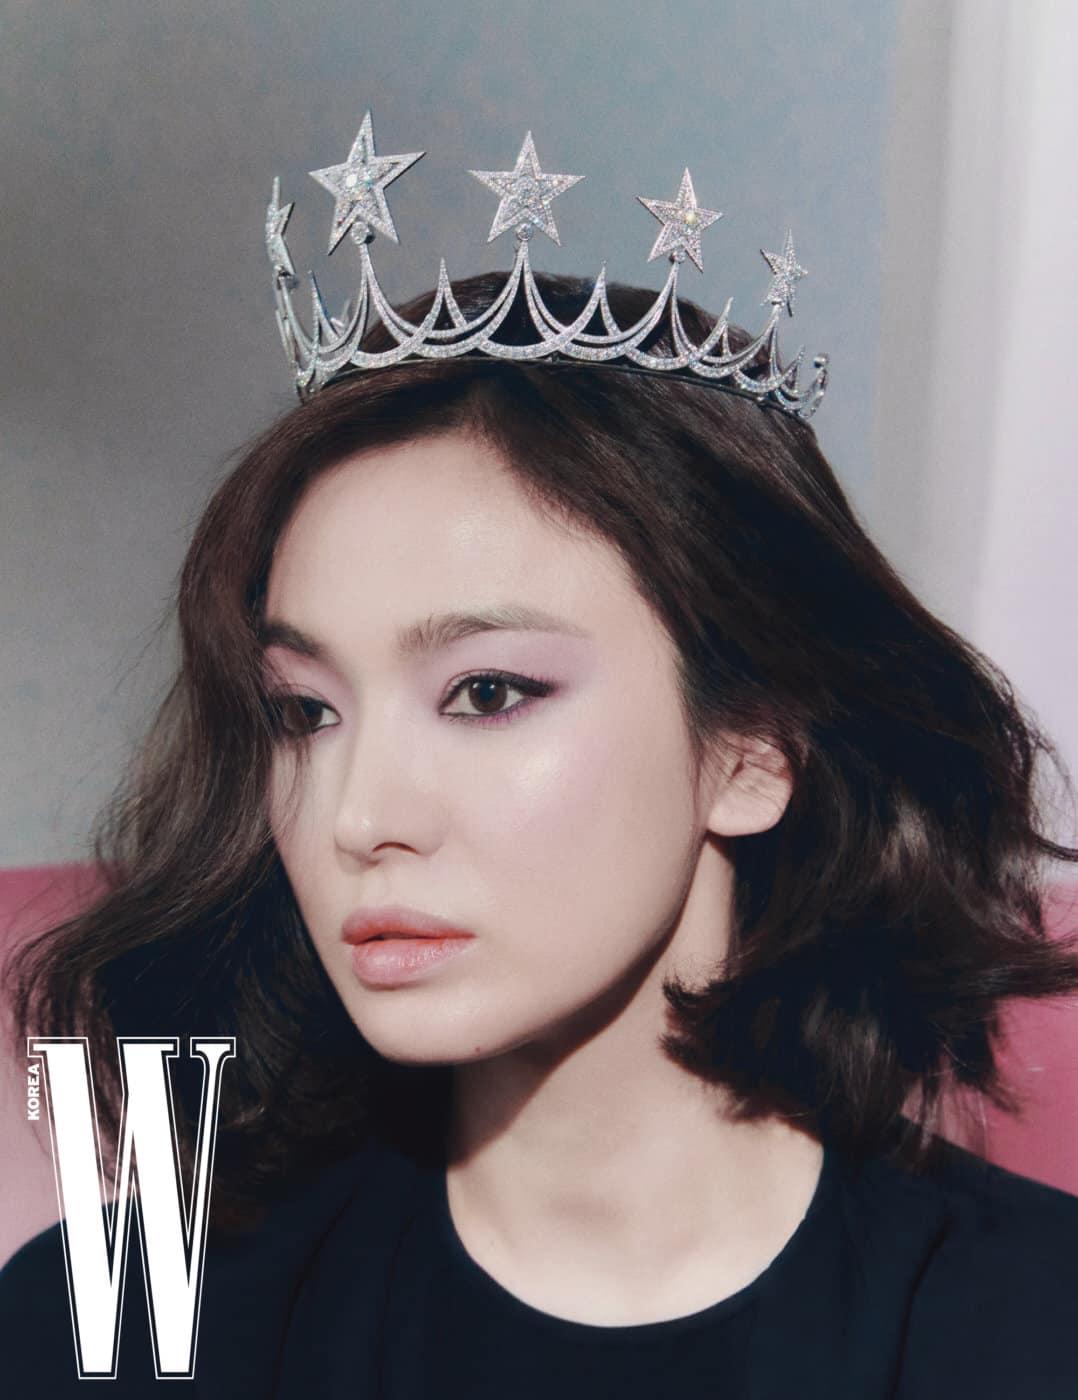 Bài phỏng vấn gây sốt của Song Hye Kyo: Lần đầu công khai nói về cuộc sống hậu ly hôn, dũng cảm nhắc tới tình yêu sau khi Song Joong Ki rời đi-4